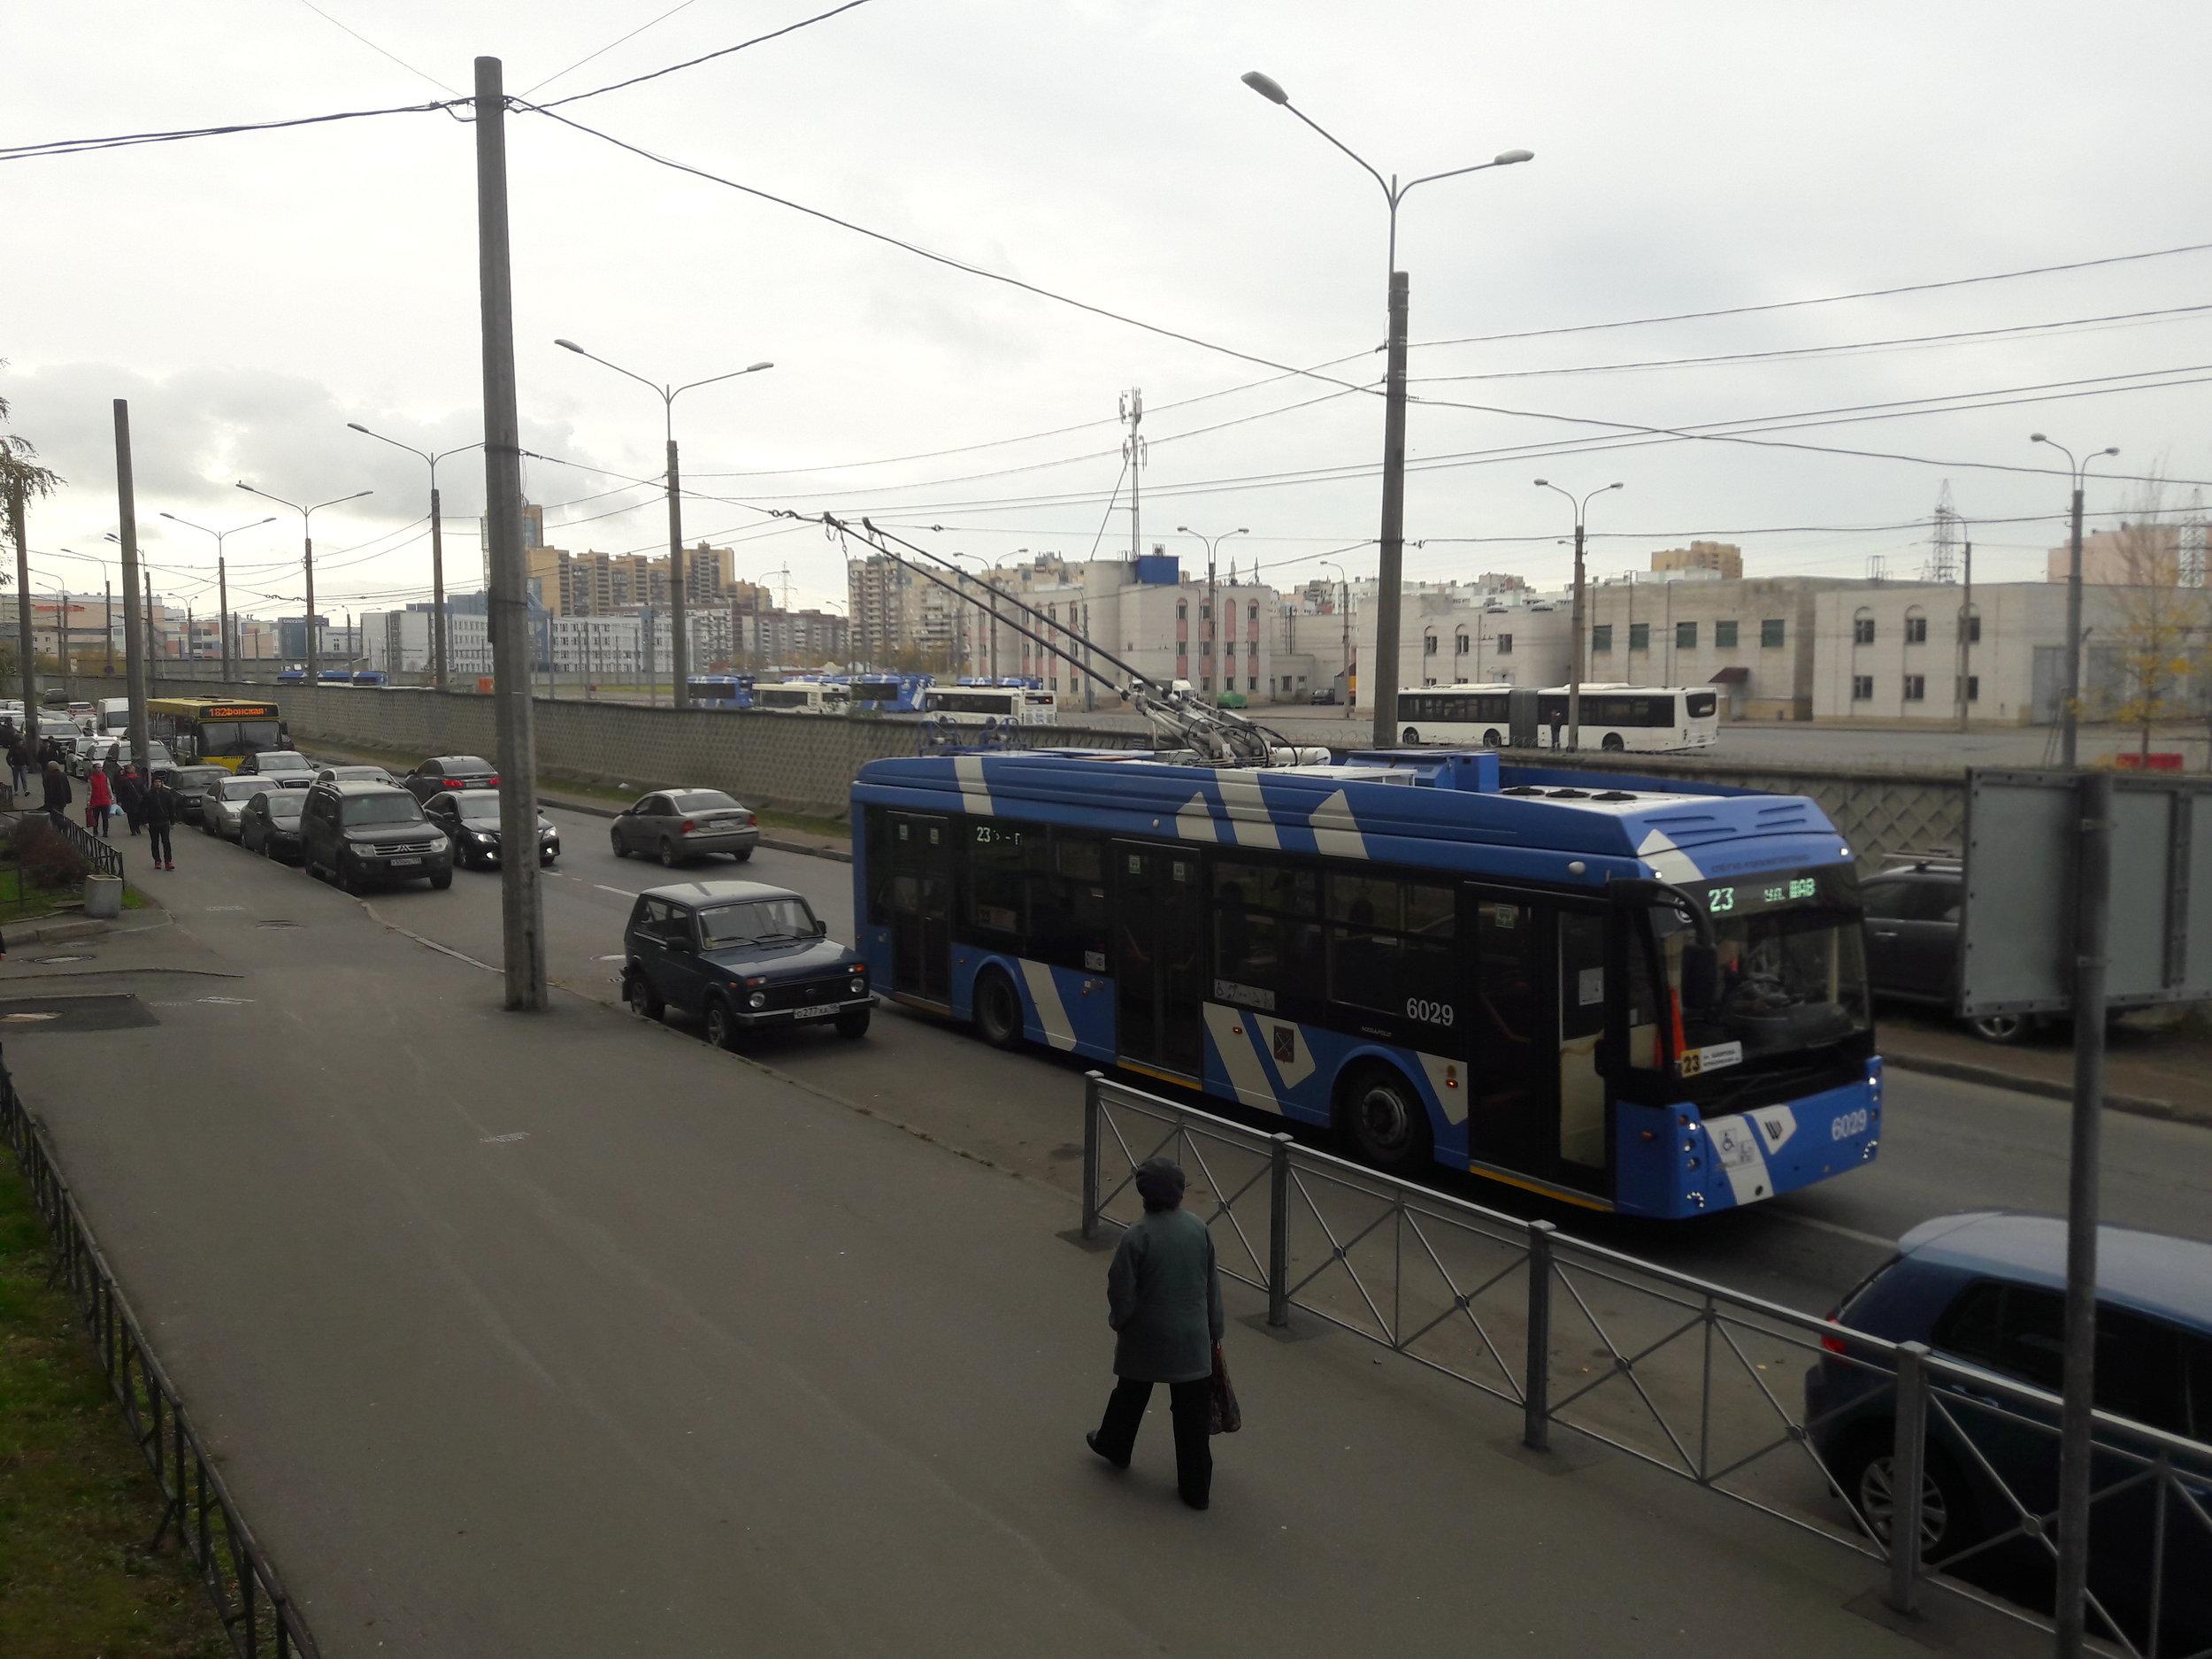 """U konečné Šavrova ulice je zázemí pro odstavení trolejbusů. Sídliště v severozápadně ležícím Primorskom rajoně, kde se konečná nachází, je velmi hustě obydlené a trolejbusy se tu """"netrhnou"""" od rána do pozdního večera, ve špičkách prakticky každé dvě až tři minuty vyjíždí trolejbus na některou z linek 2, 12, 23 či 50 (první tři výhradně s parciálními trolejbusy)."""